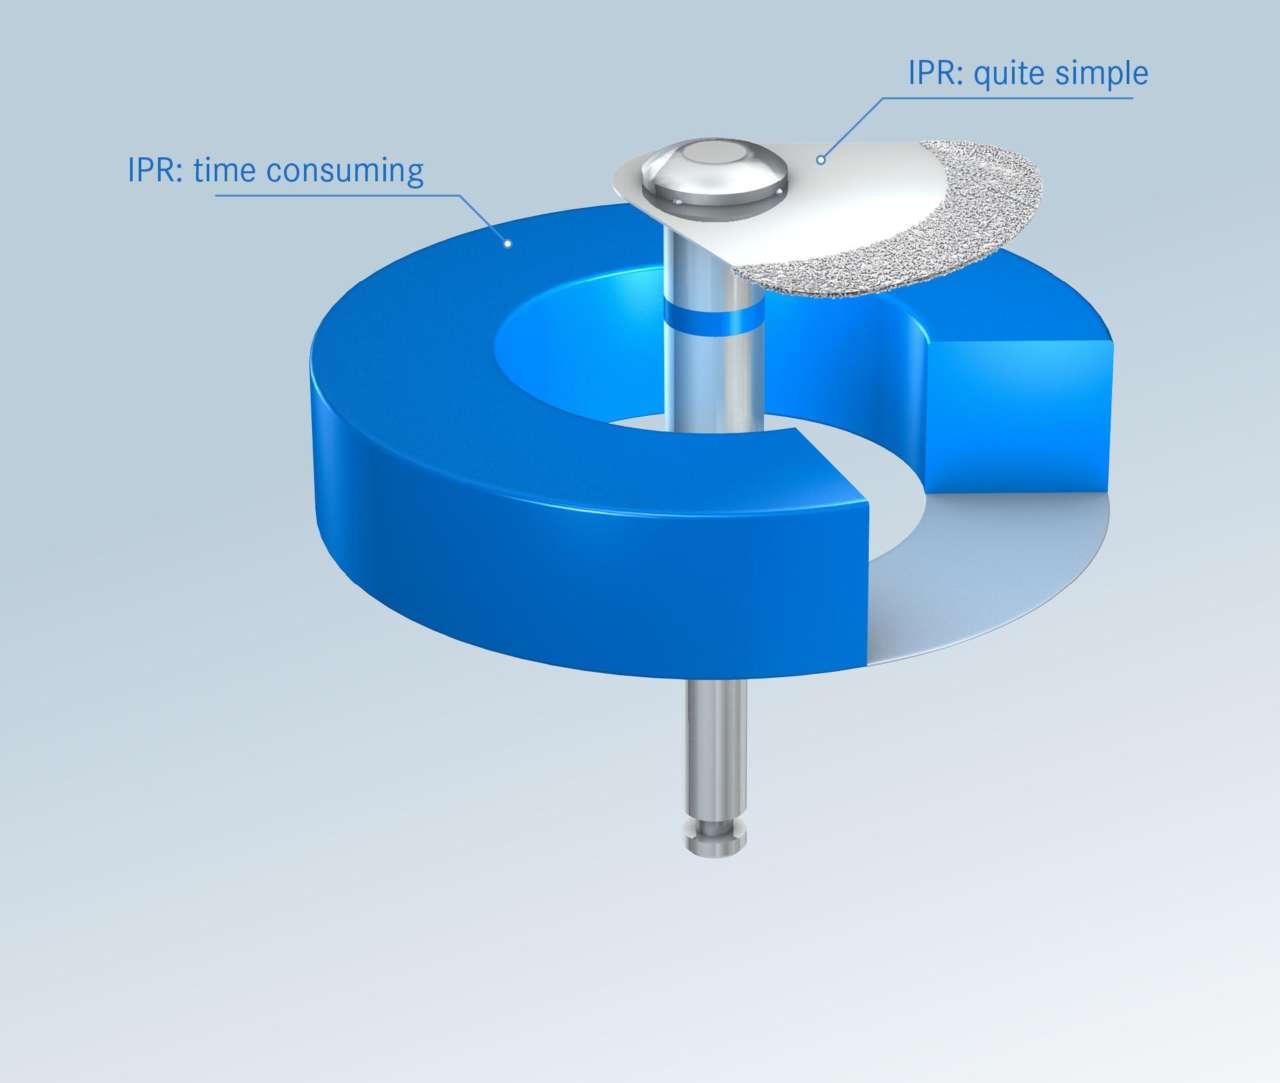 IPR quite simple cake 1920x1625px p60